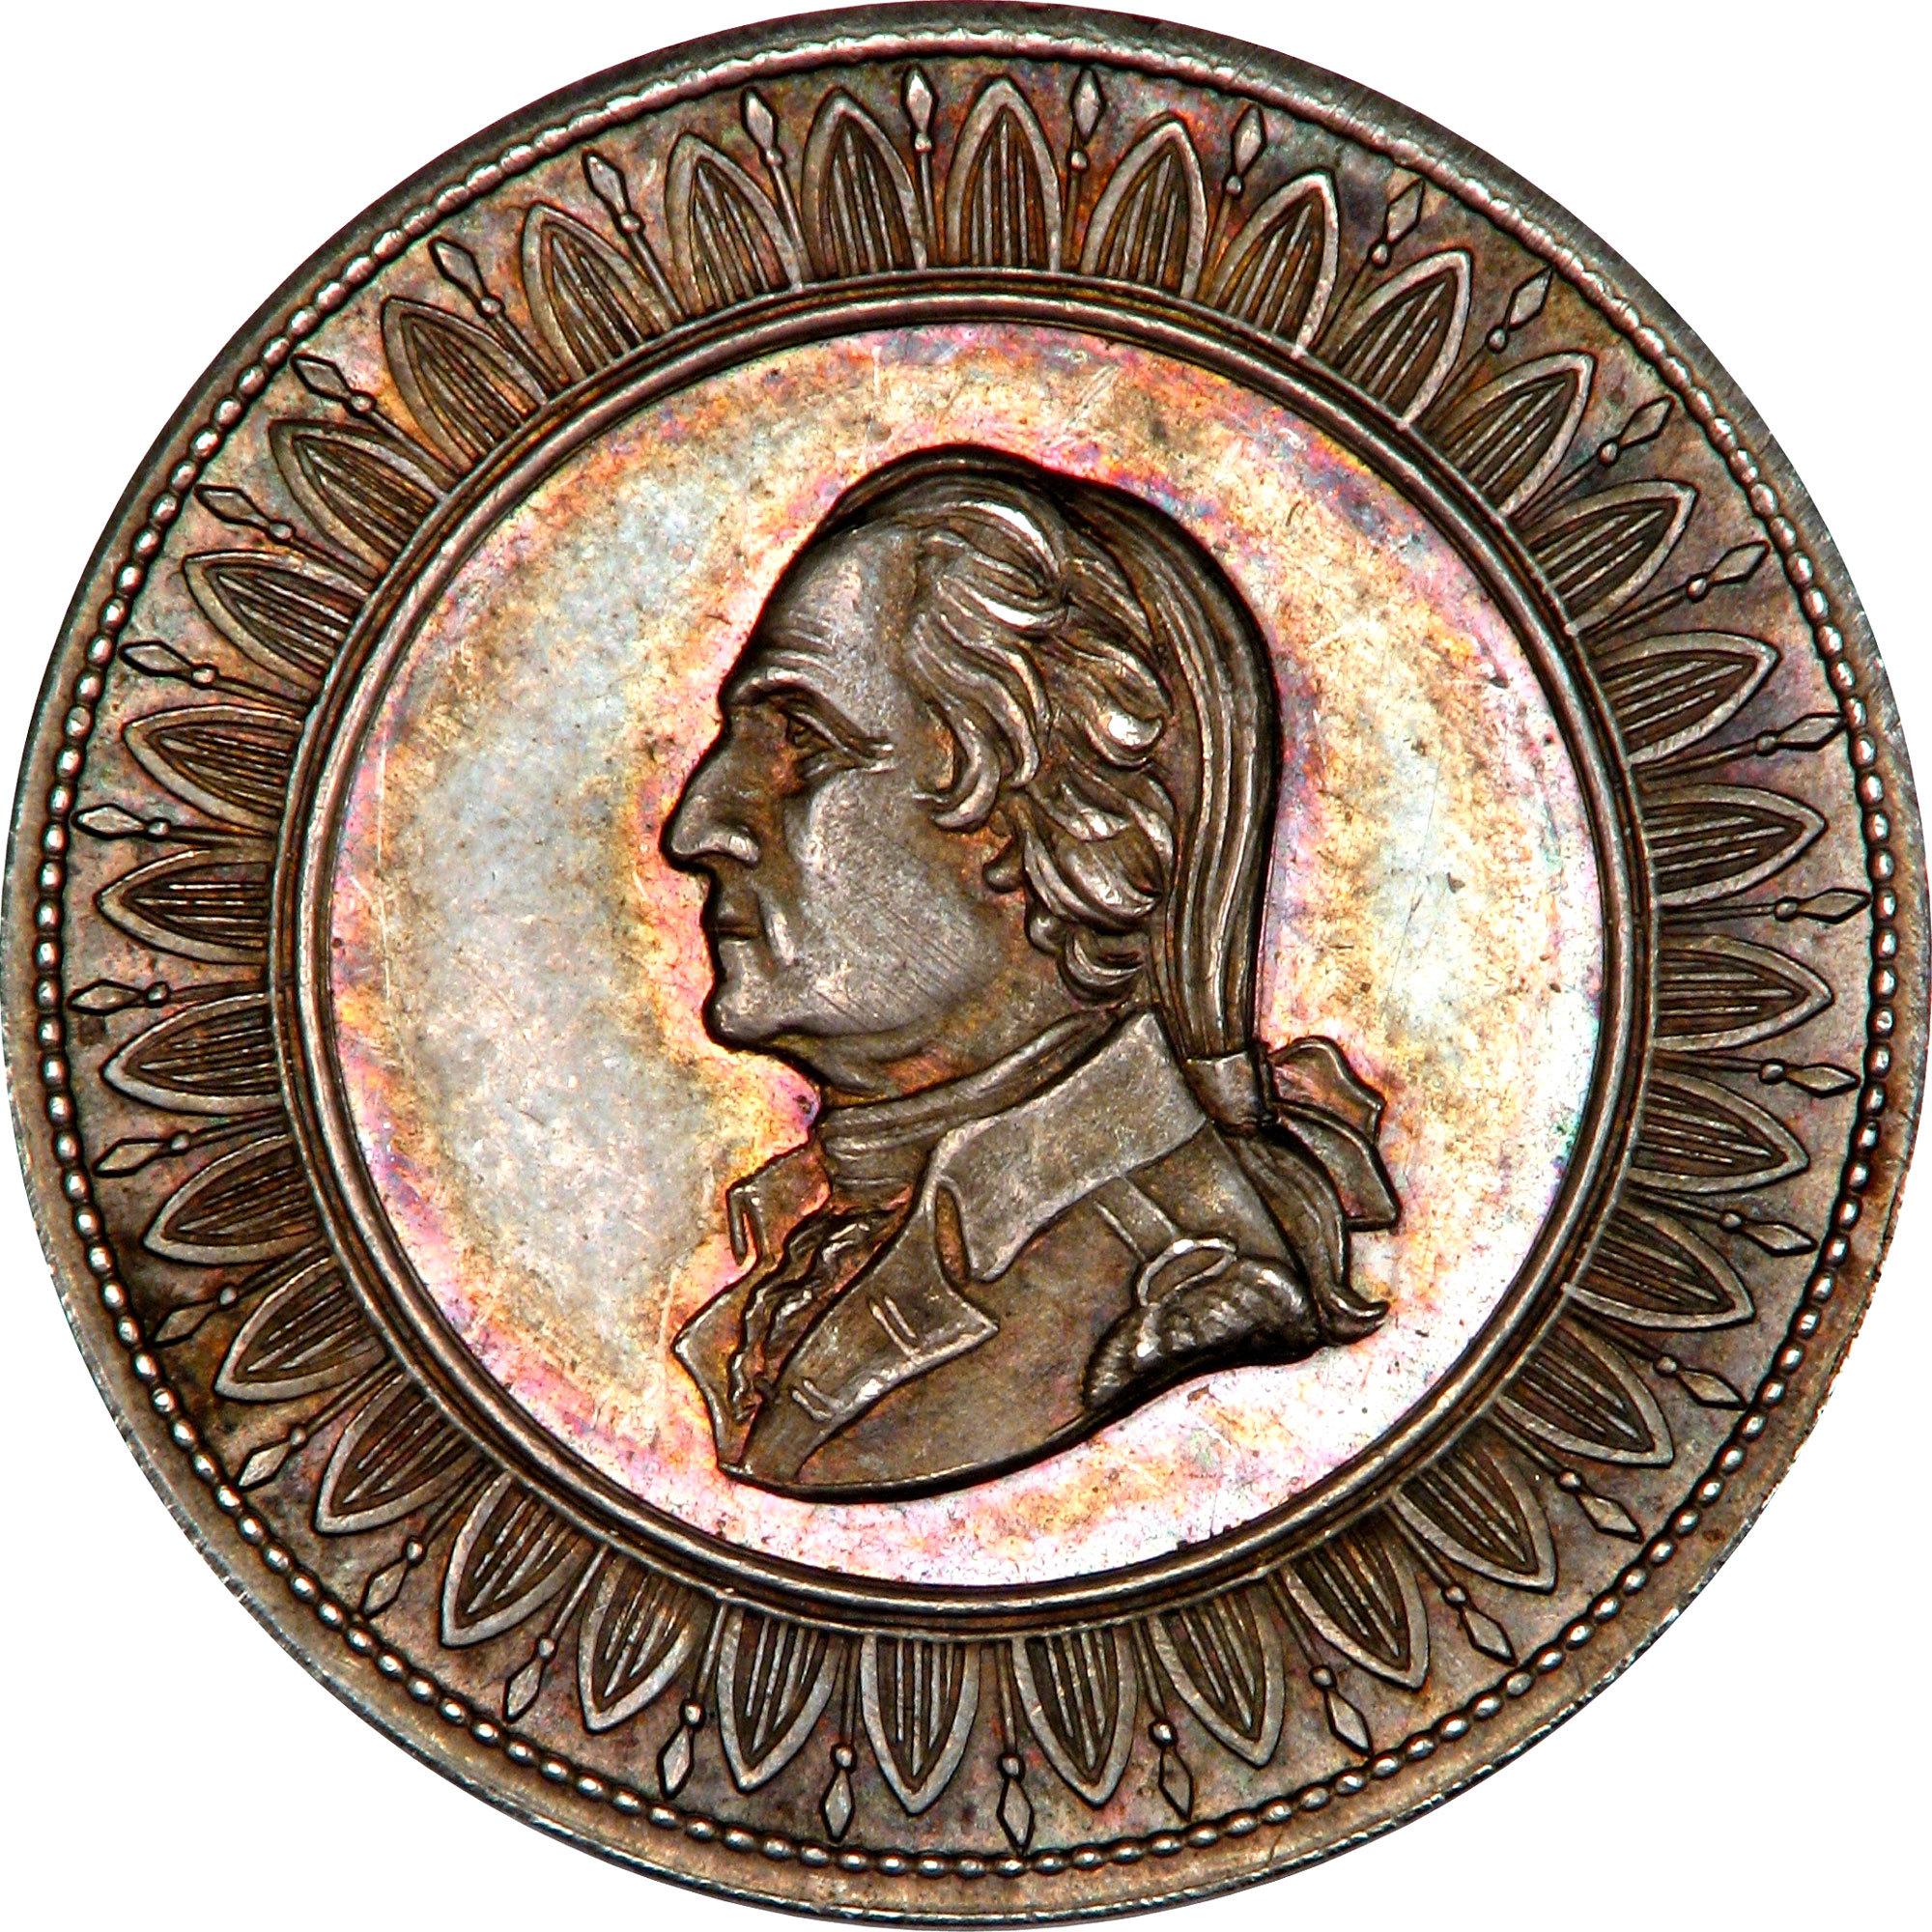 Dobbs Ferry medal · George Washington's Mount Vernon